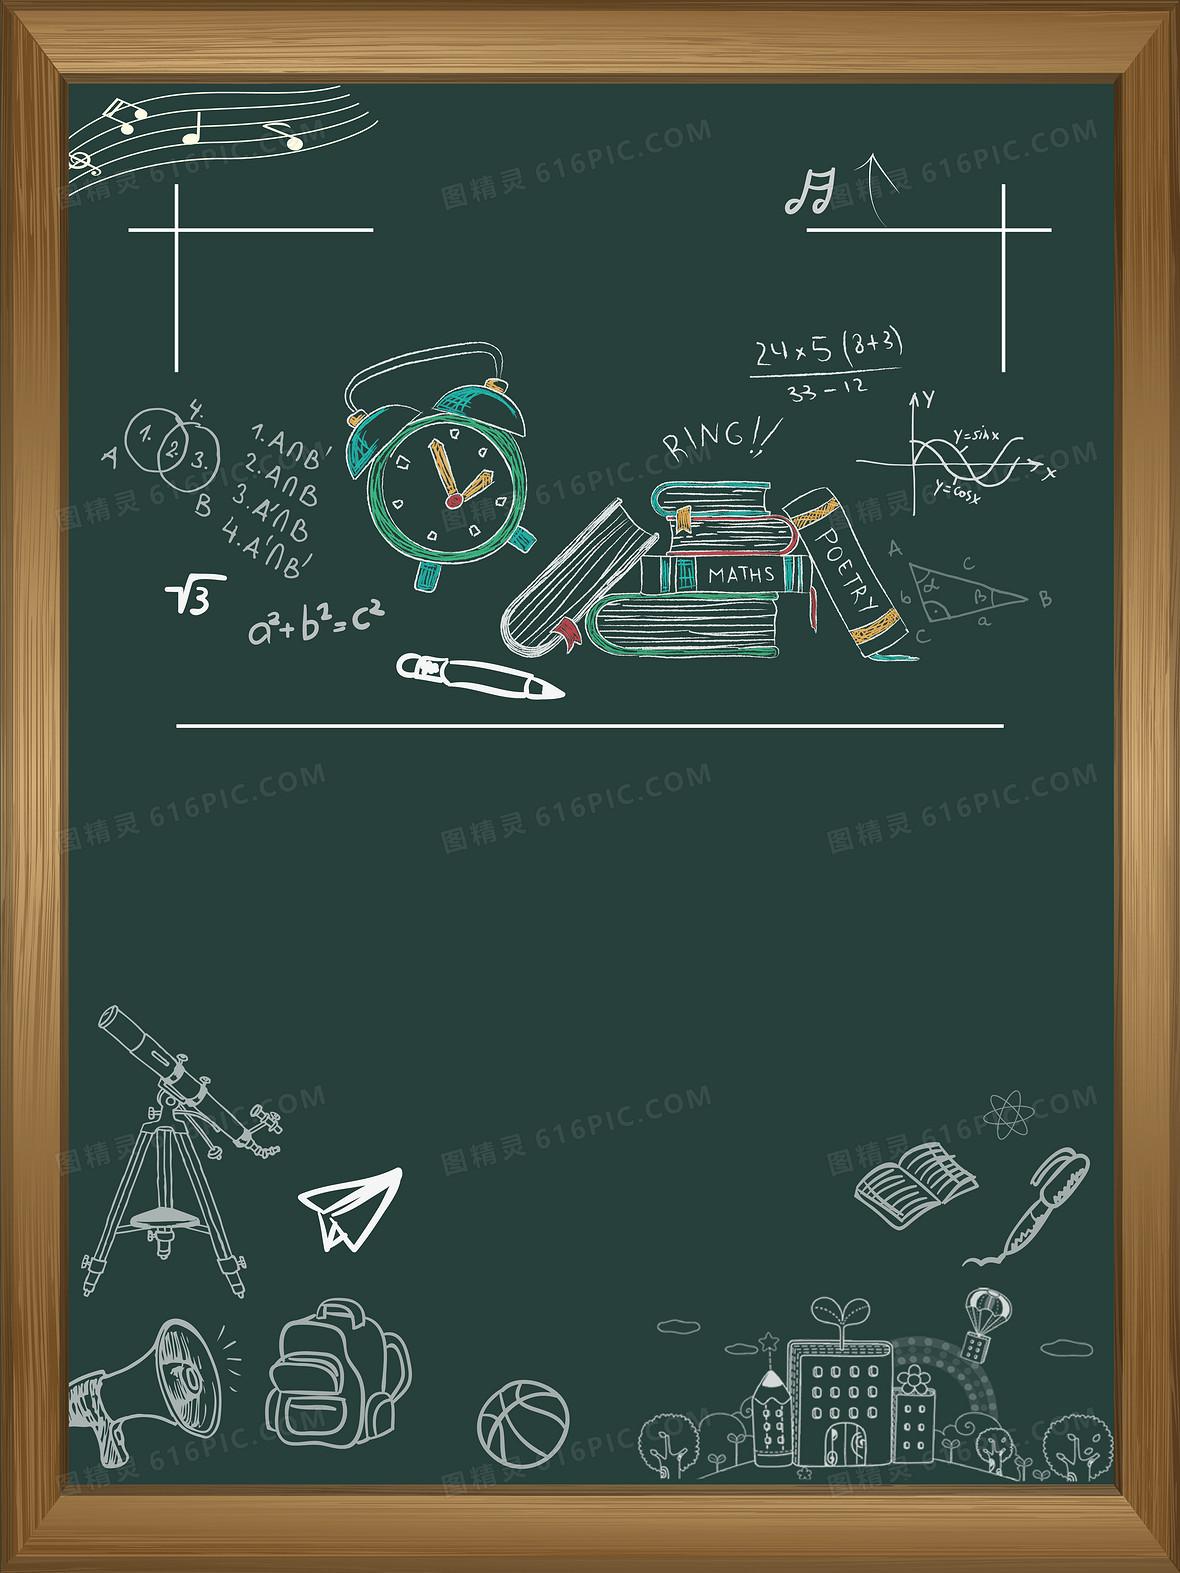 黑板教师节海报背景素材